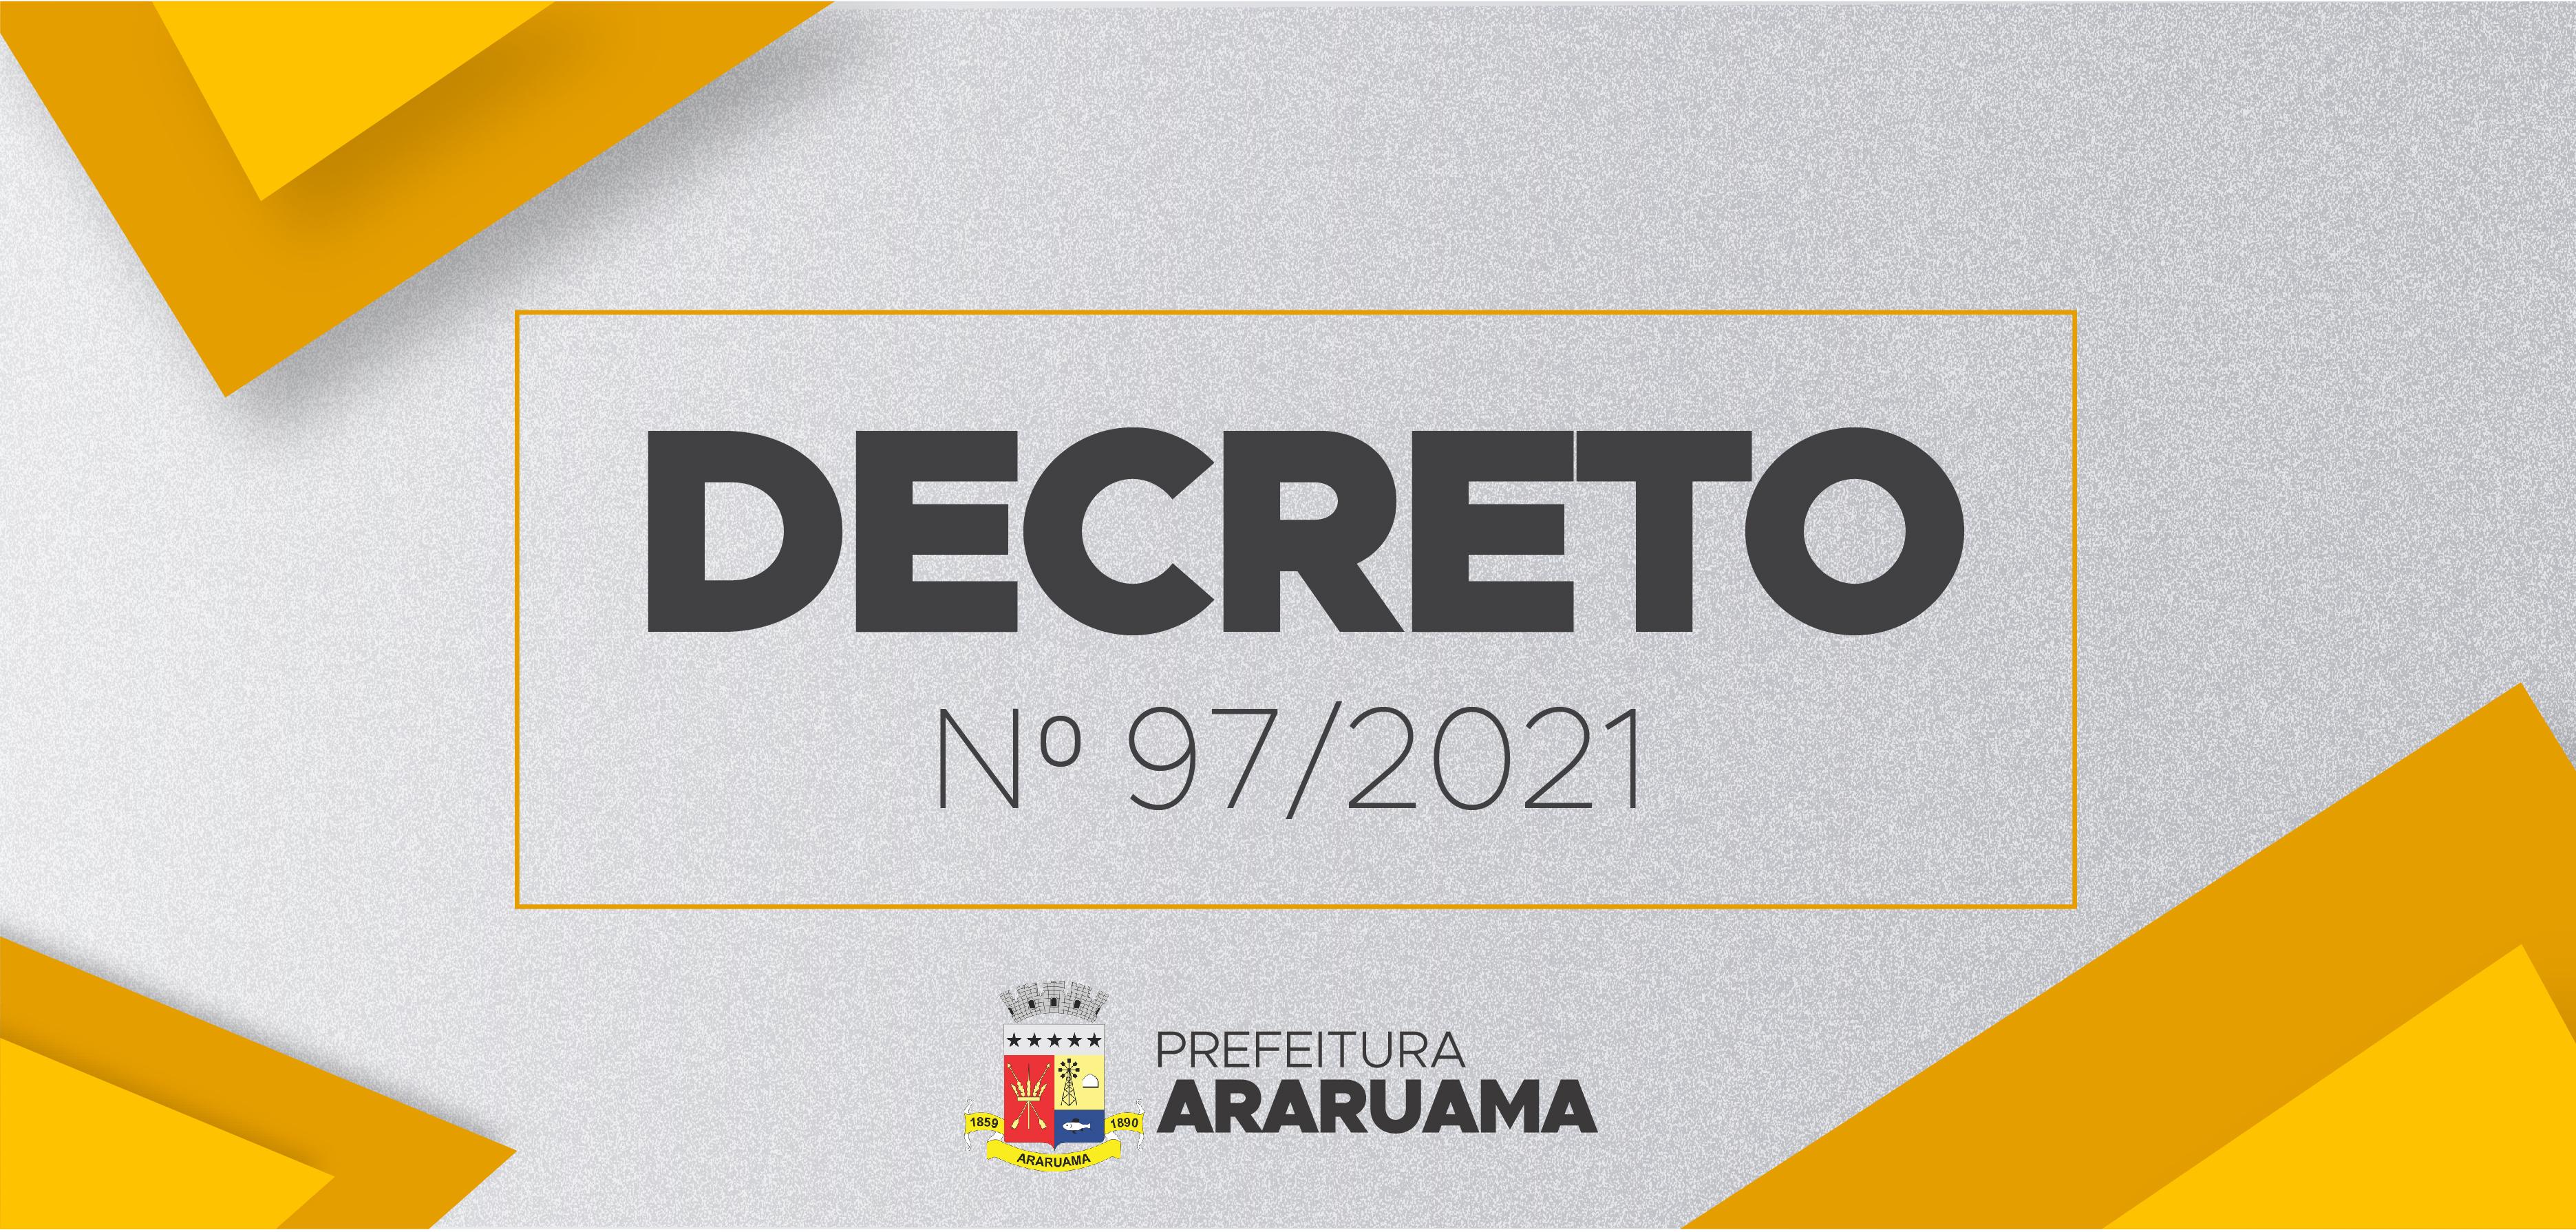 Prefeitura de Araruama publica novo decreto com medidas para o enfrentamento ao Coronavírus